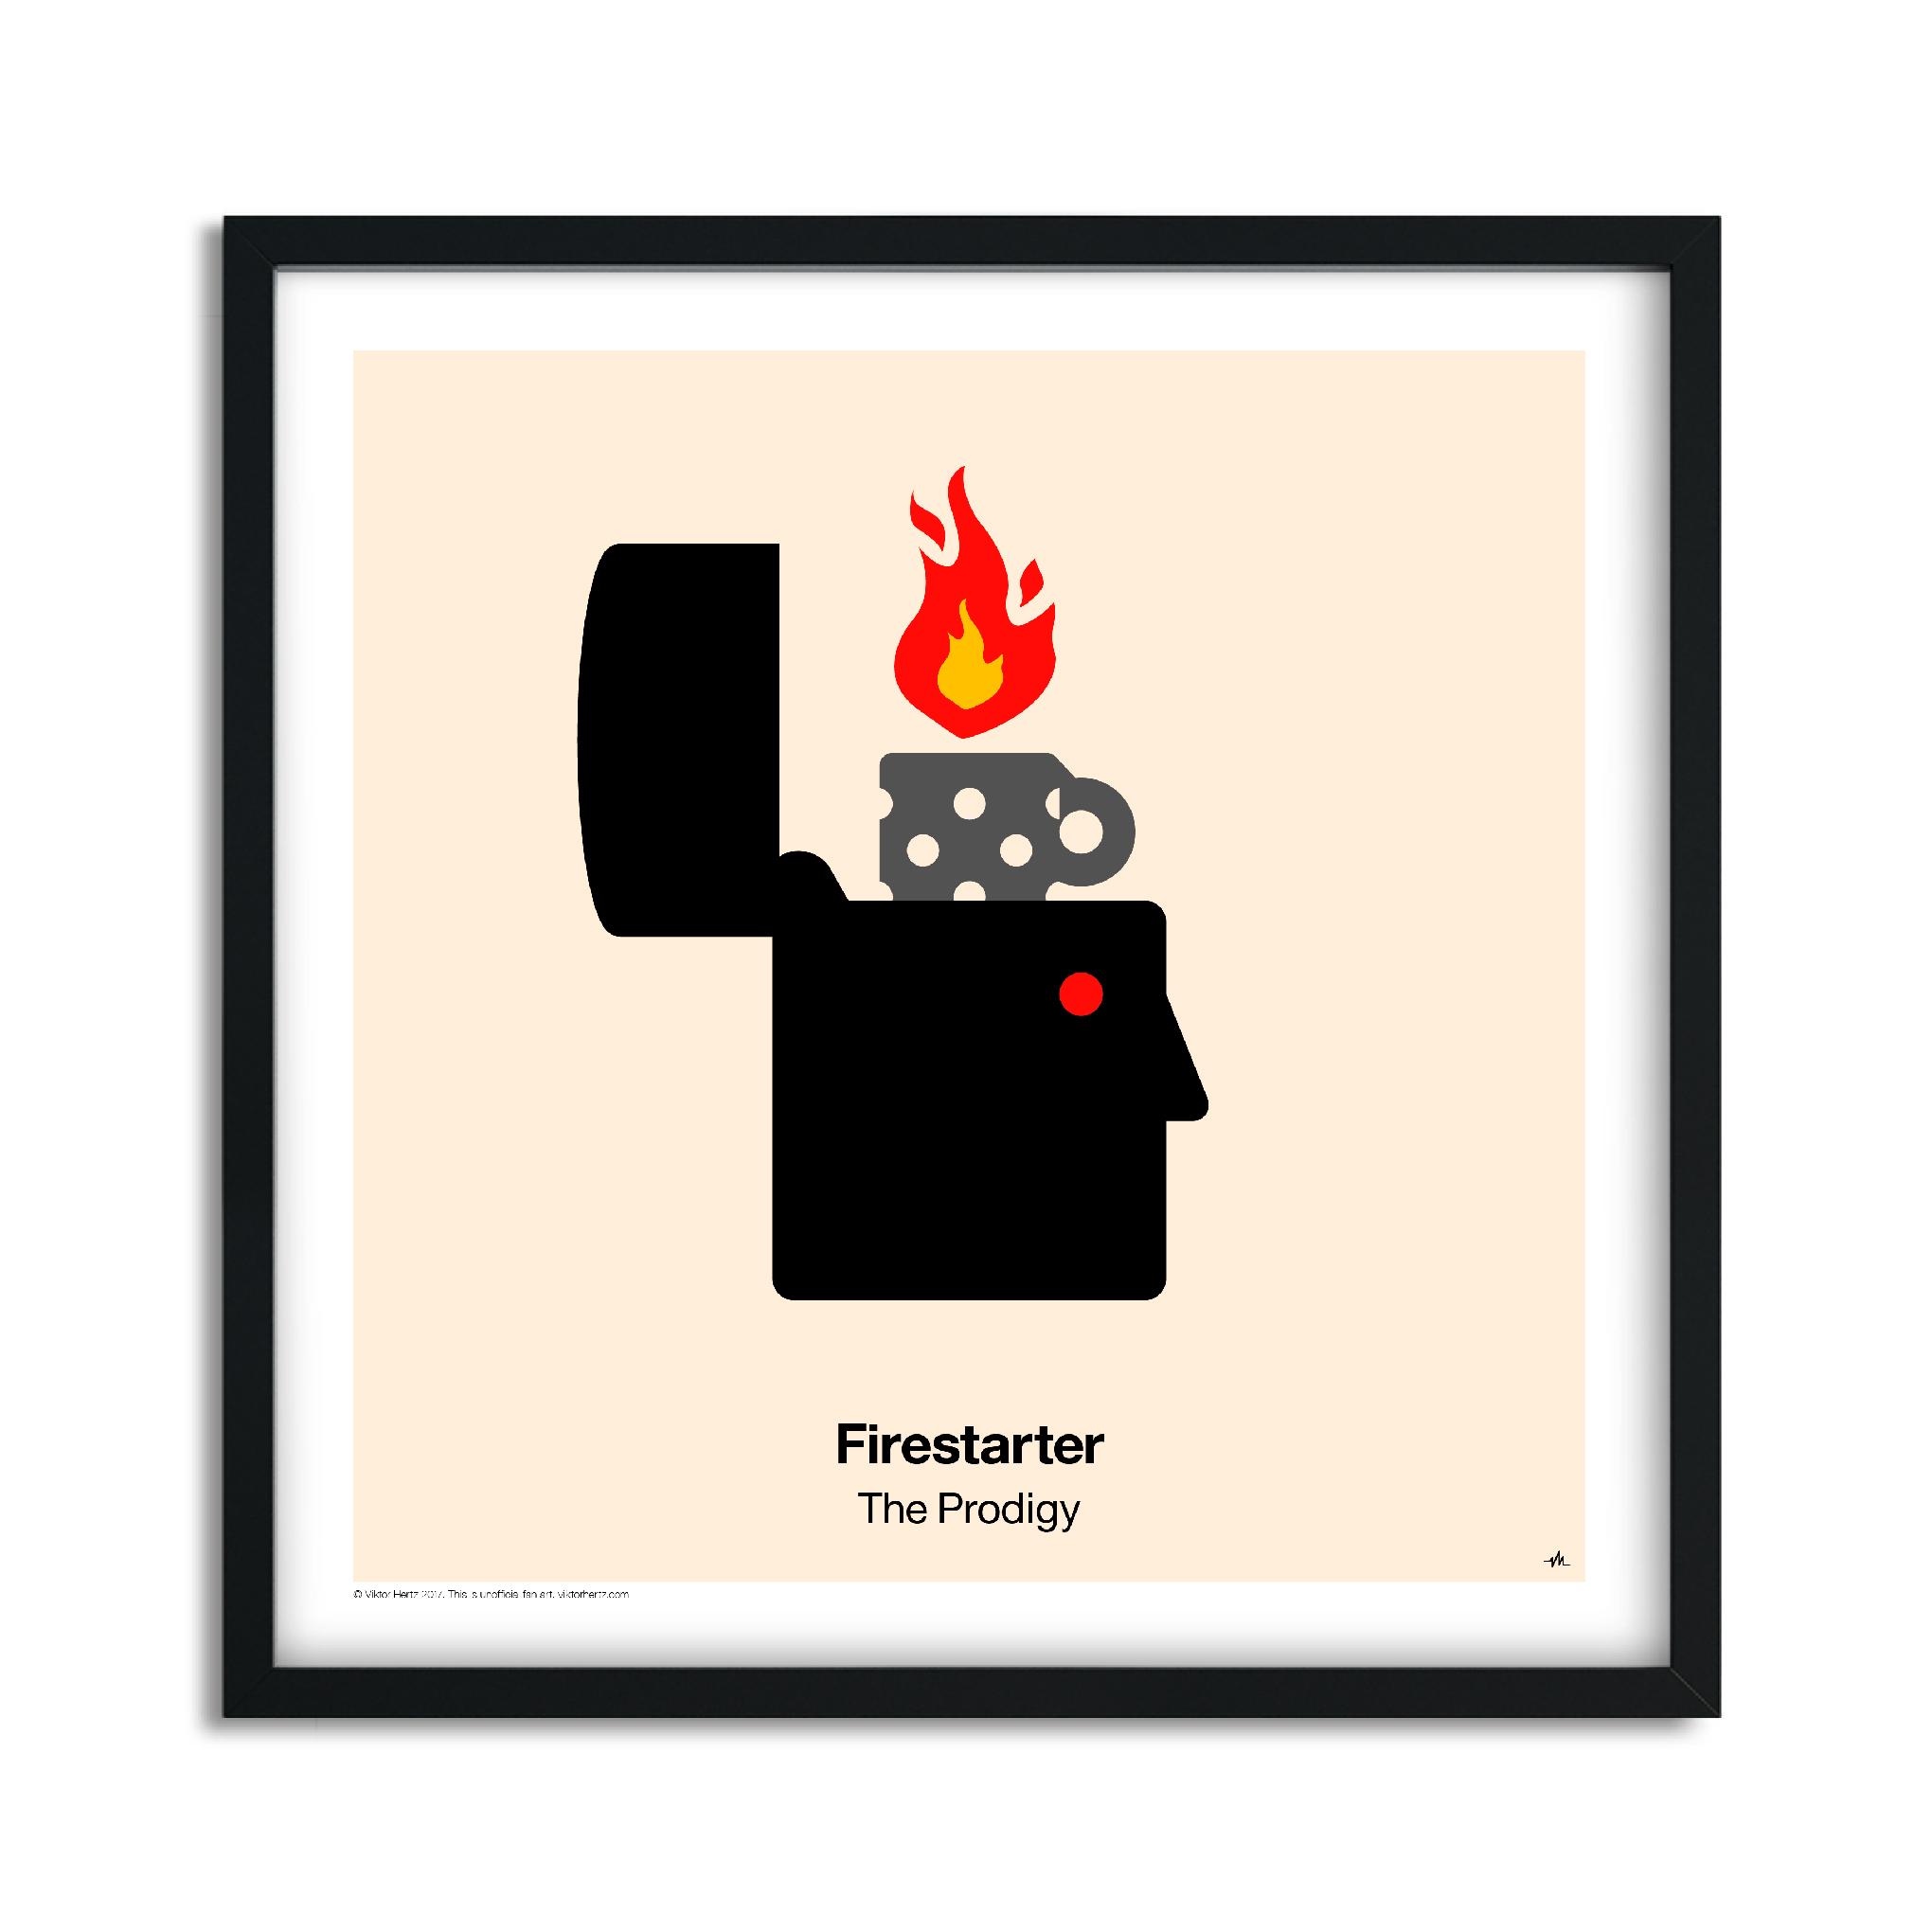 picotgram-vinyl-posters-03.jpg